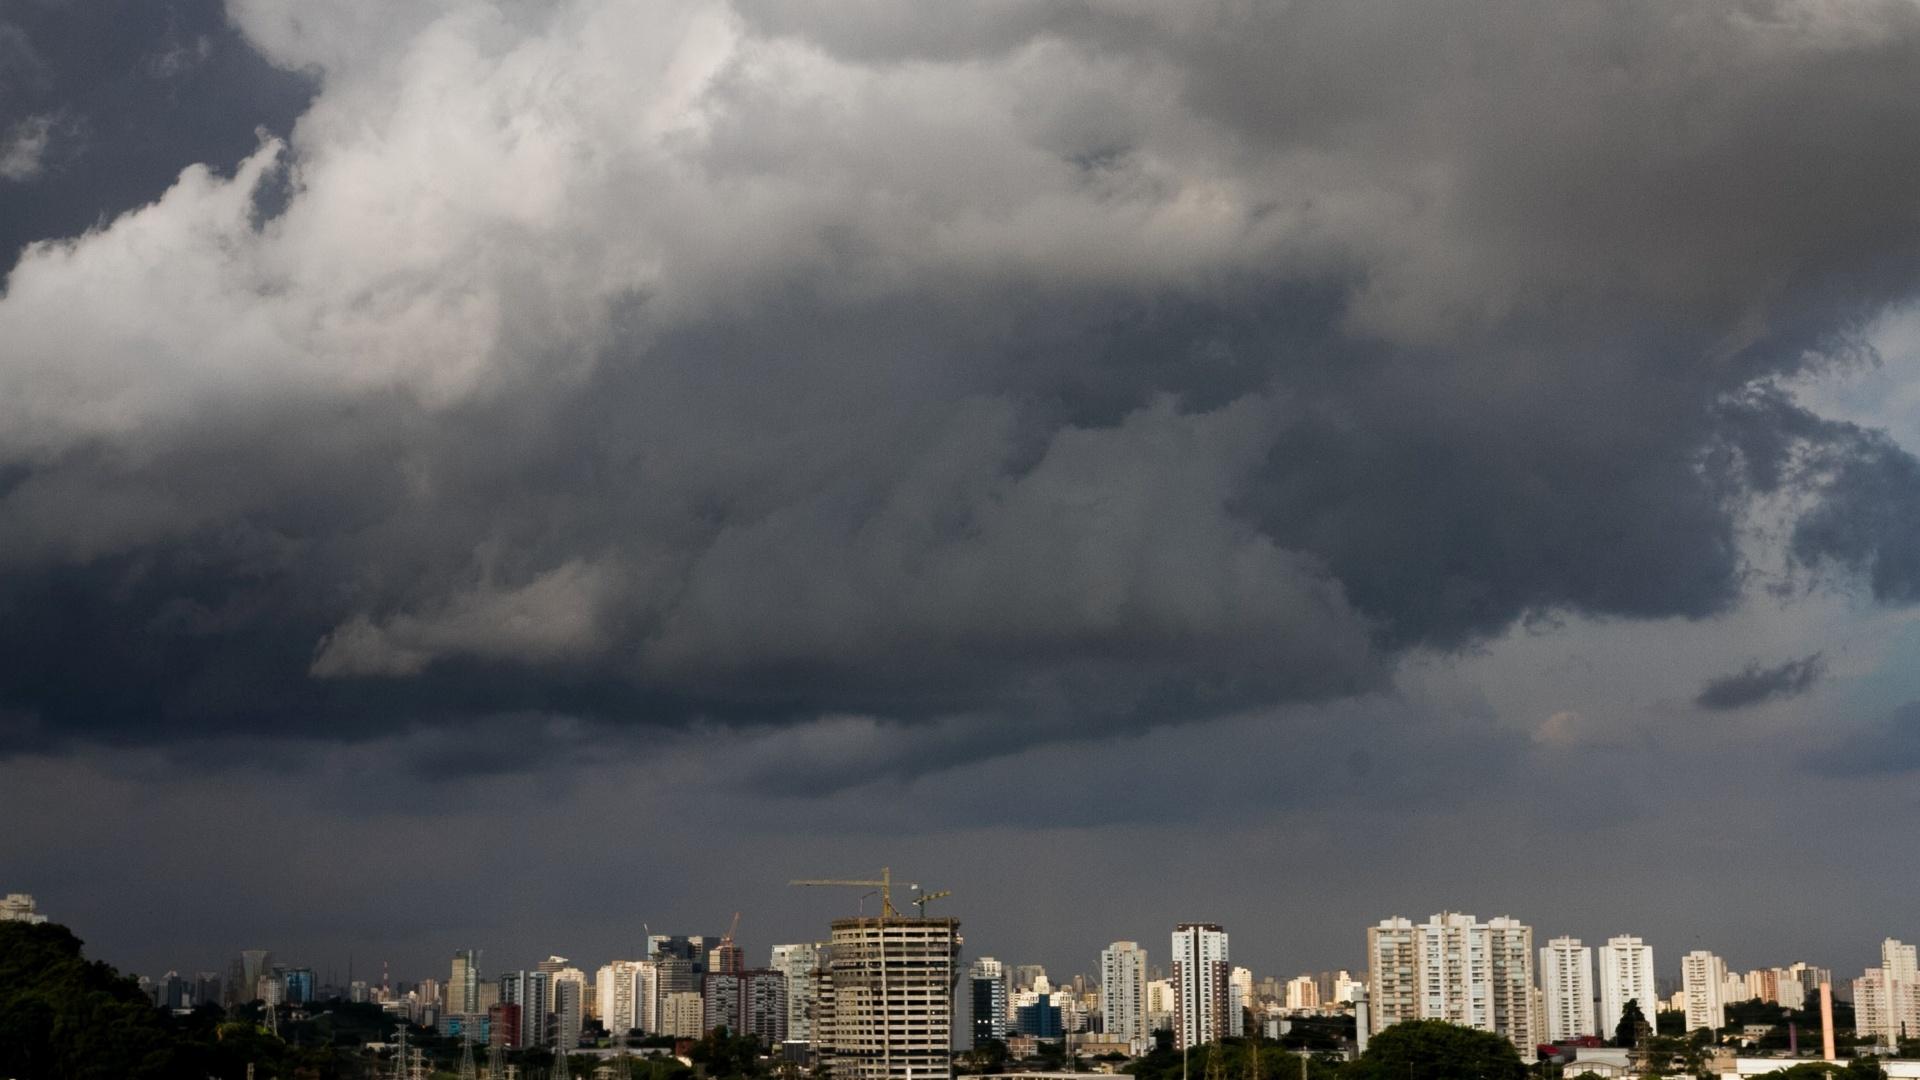 10.jan.2015 - Nuvens carregadas encobrem o céu na zona sul de São Paulo, no final da tarde deste sábado (10). As zonas sudeste e sul e o centro de São Paulo entraram em estado de atenção para enchentes devido às chuvas que caíram em partes da capital paulista, segundo o CGE (Centro de Gerenciamento de Emergência) da prefeitura